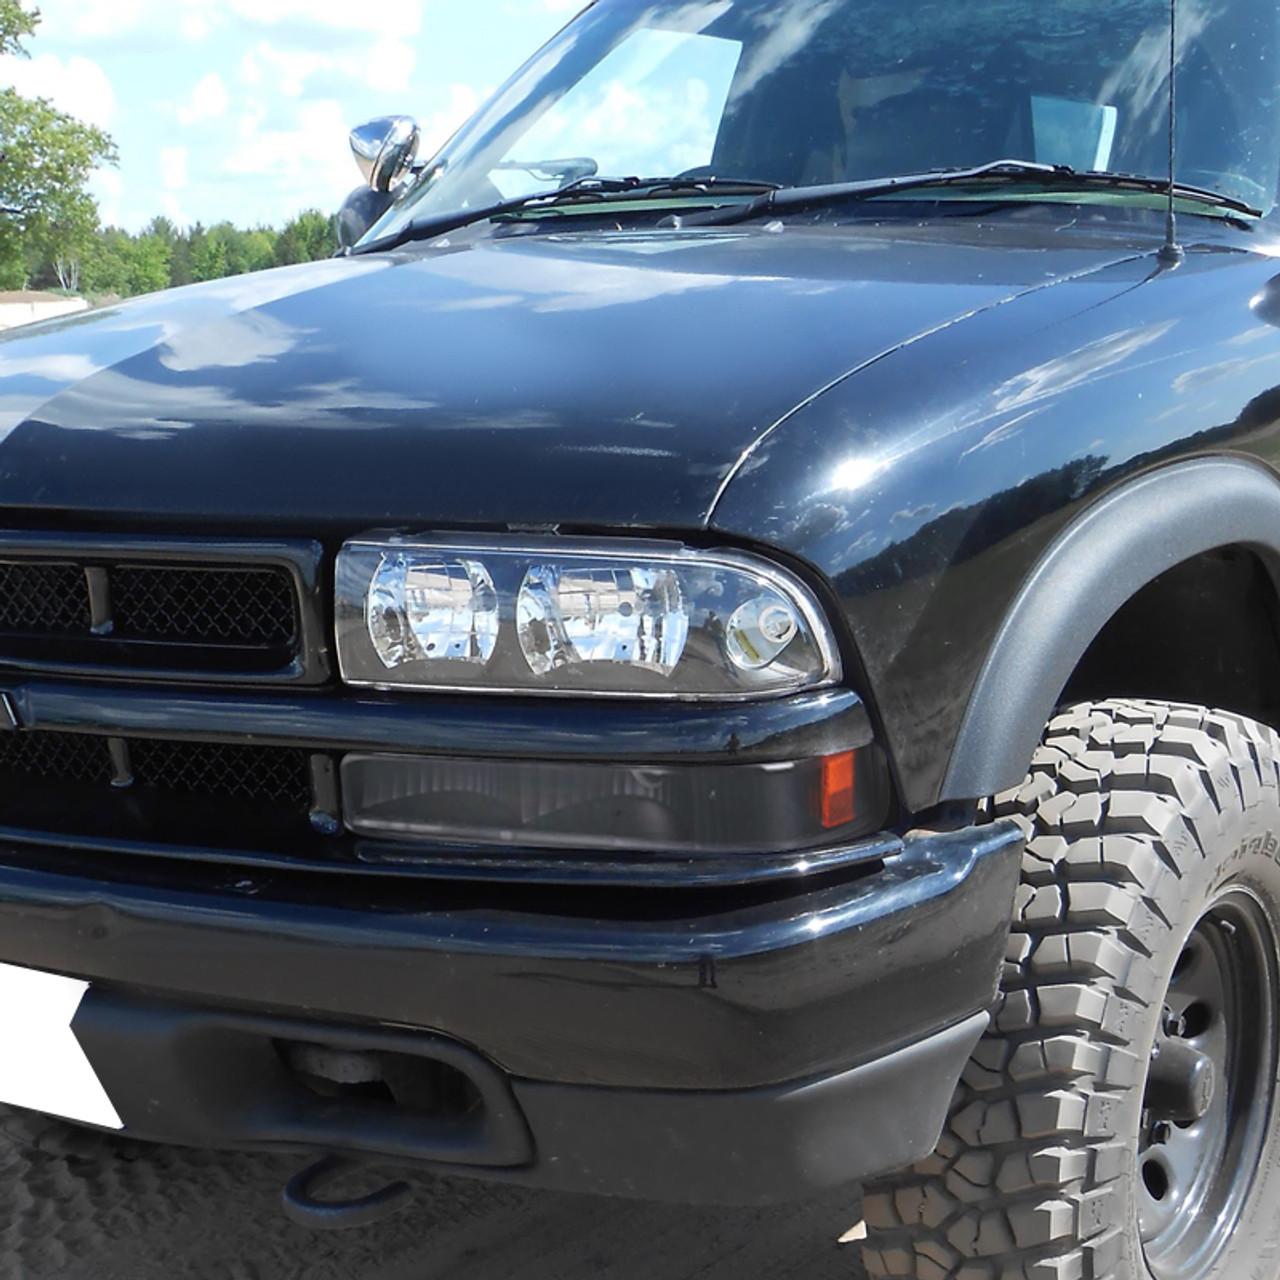 1998 2004 Chevrolet S10 Gmc Sonoma Bumper Lights Matte Black Housing Clear Lens K2 Motor